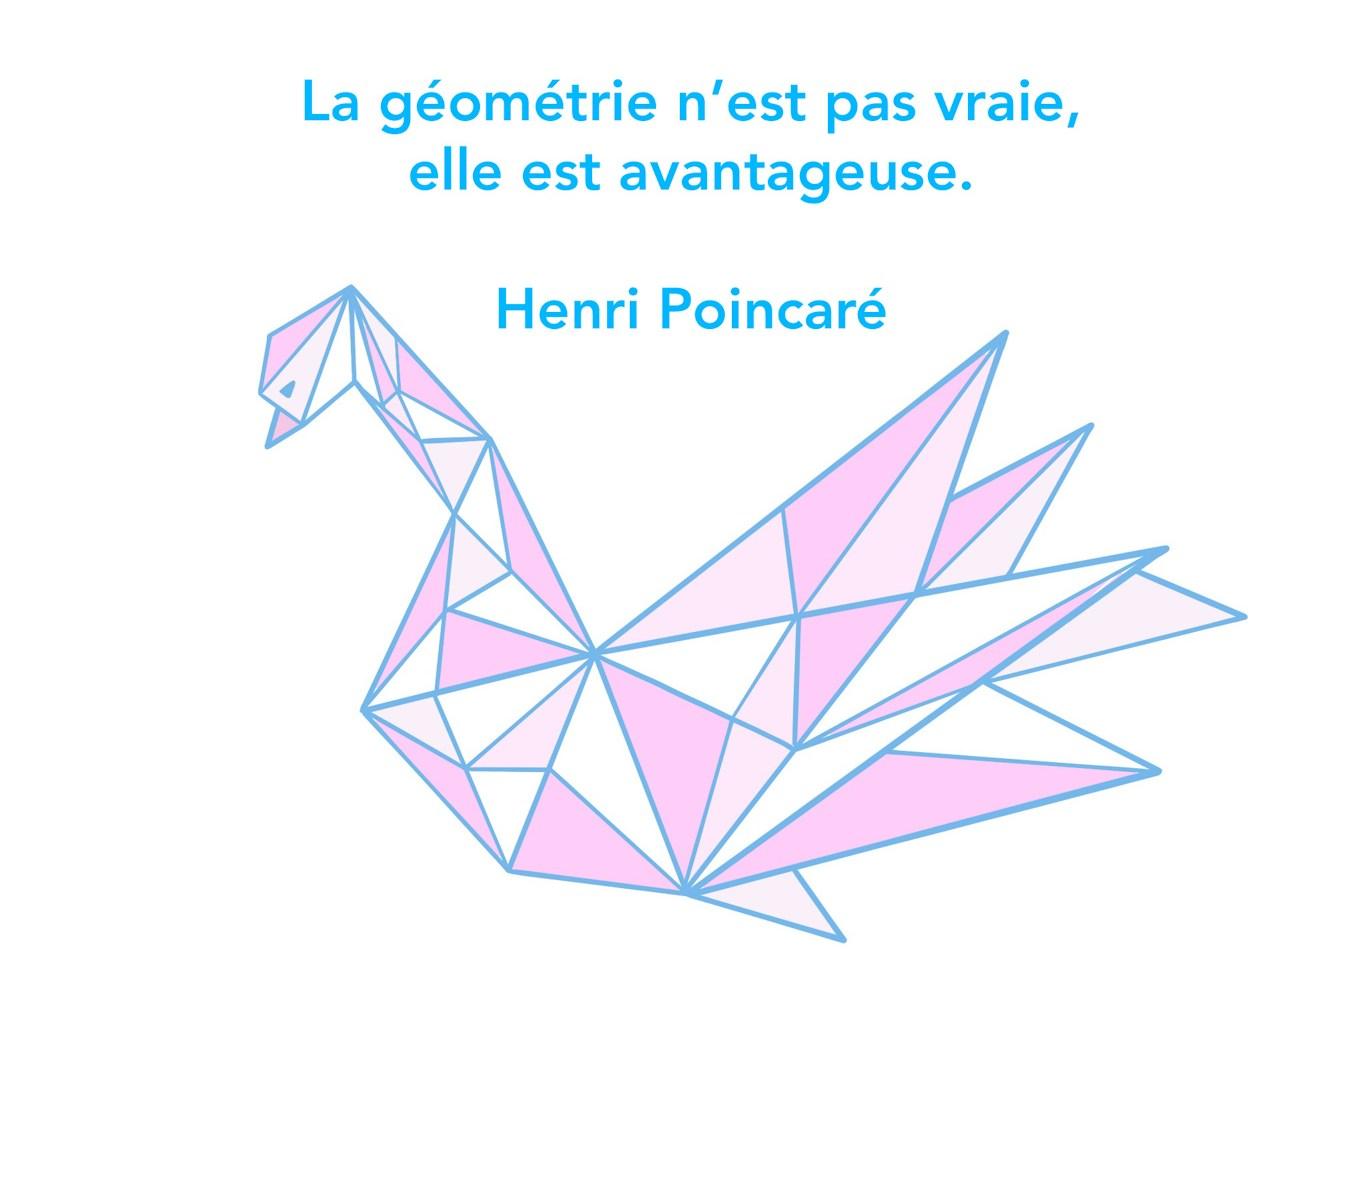 Citation sur la géométrie- image d'un cygne géométrique.